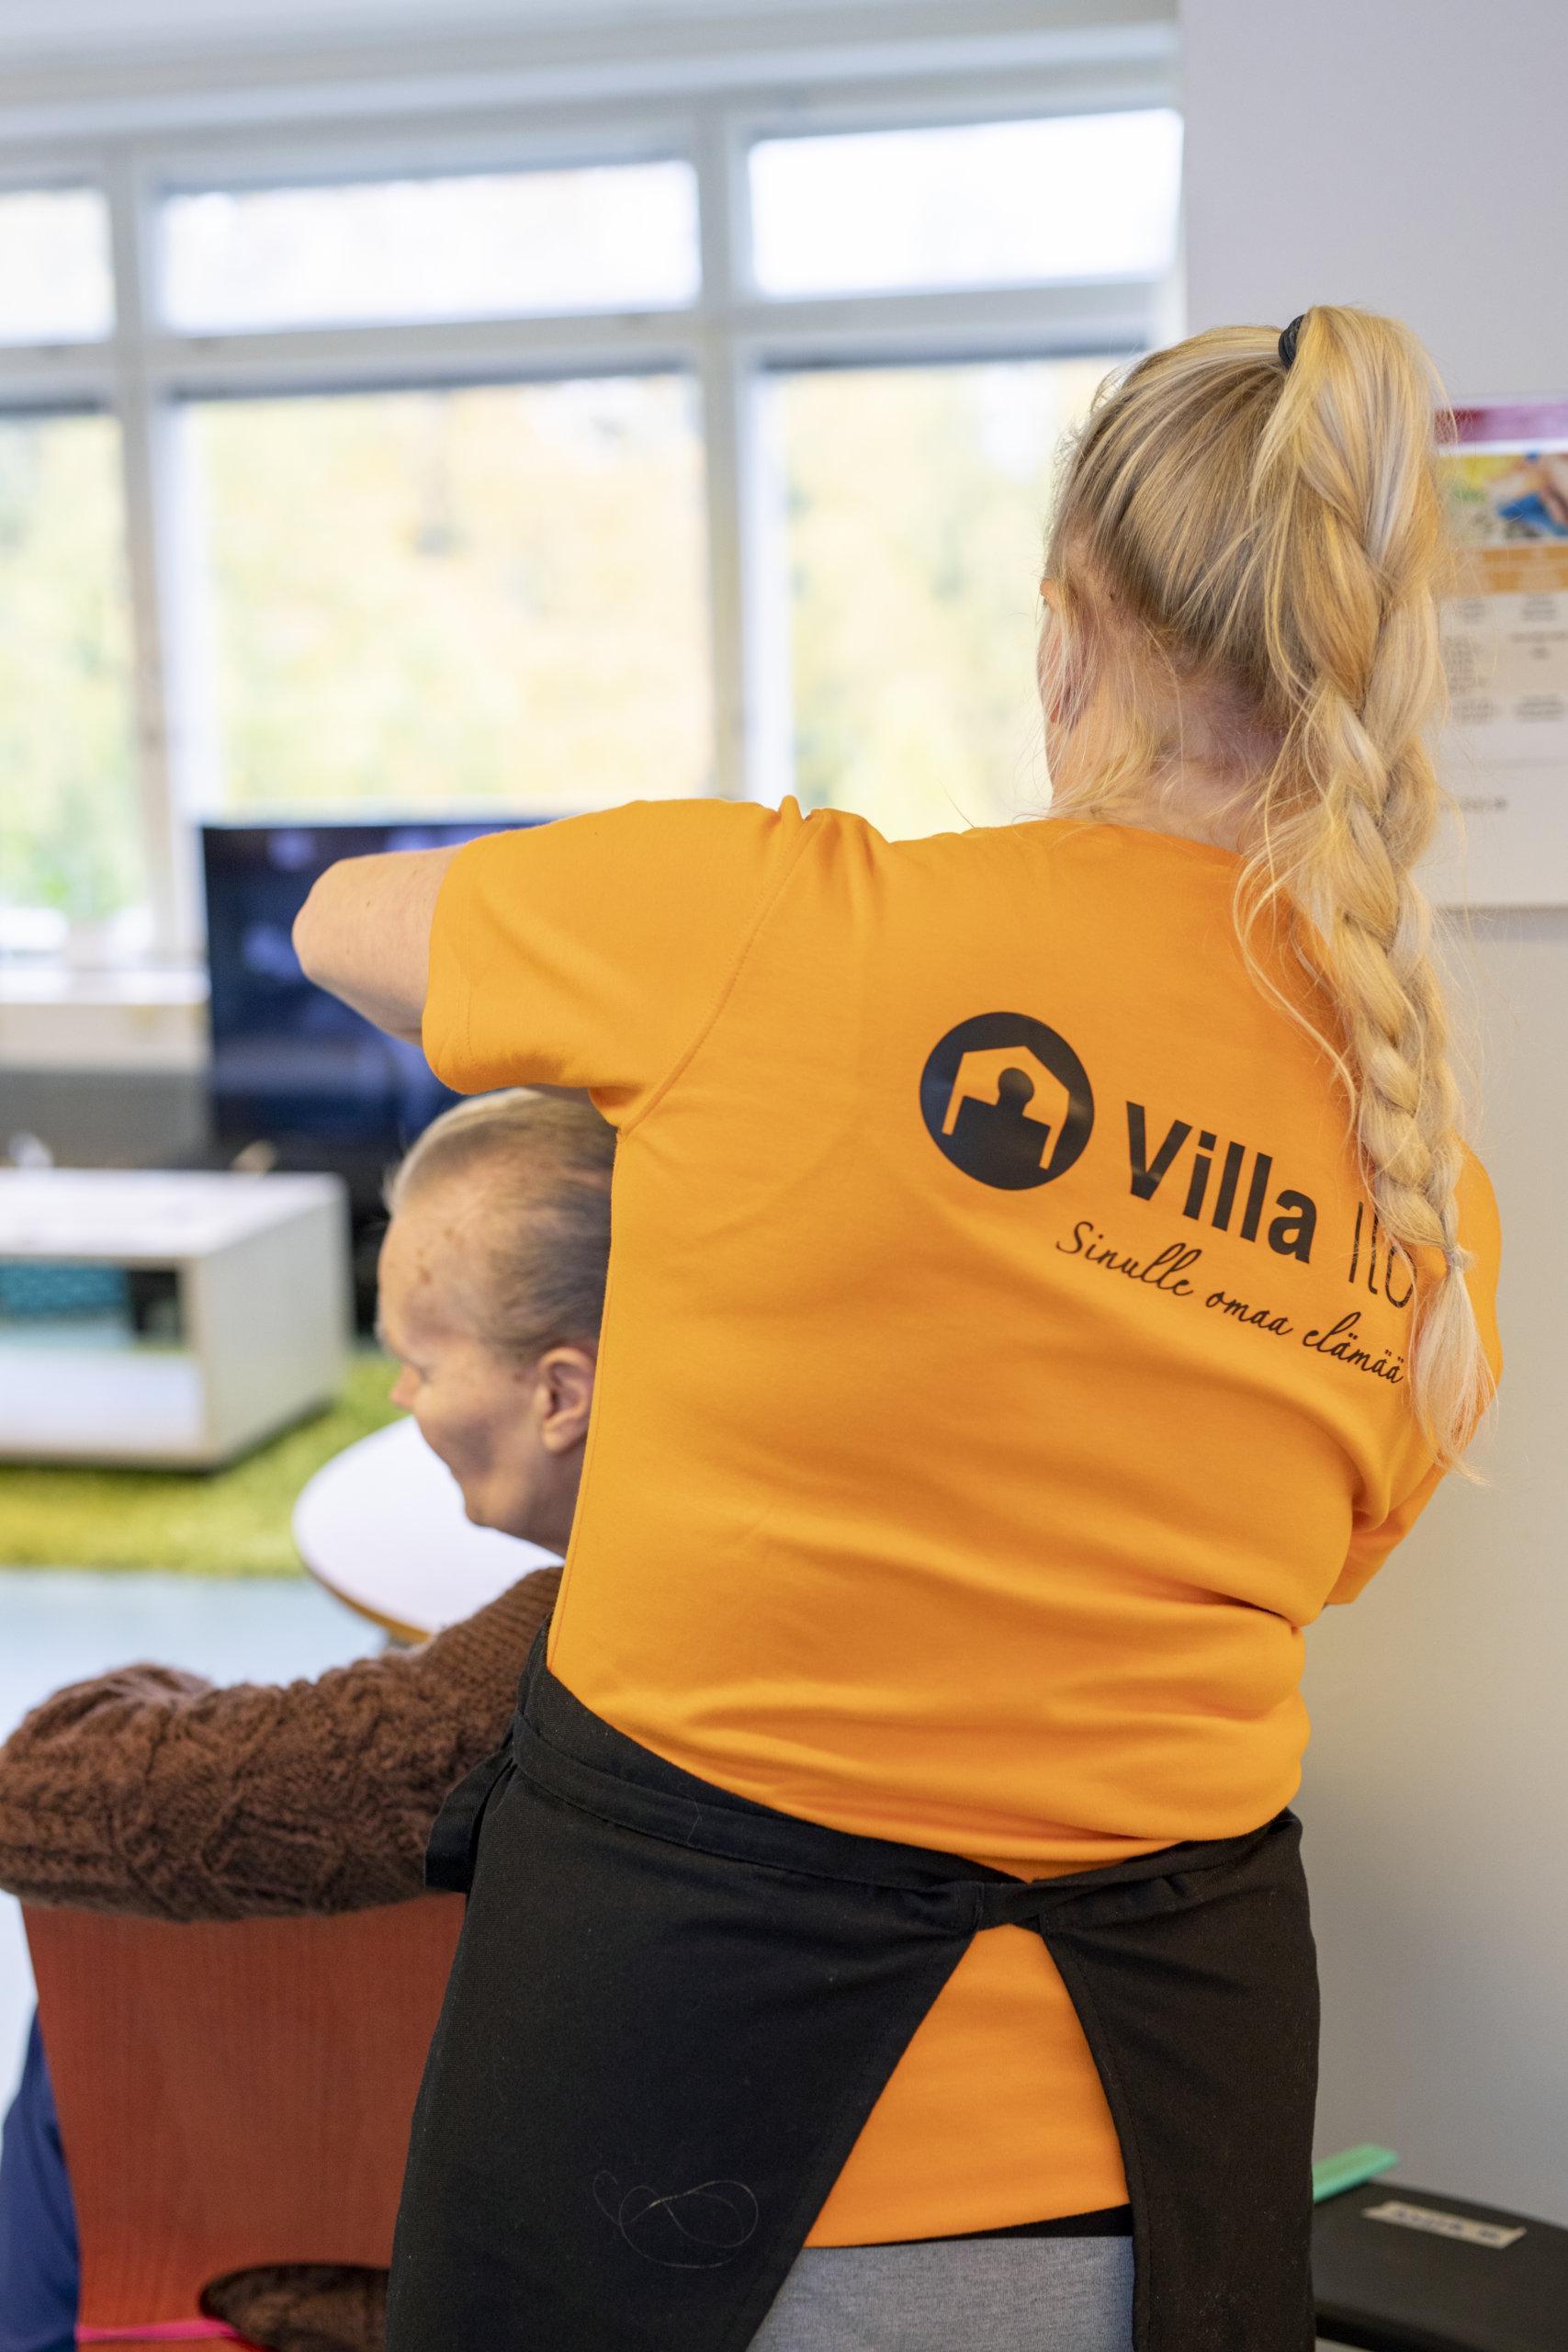 Villa ilo arvona on jatkuva kehitys